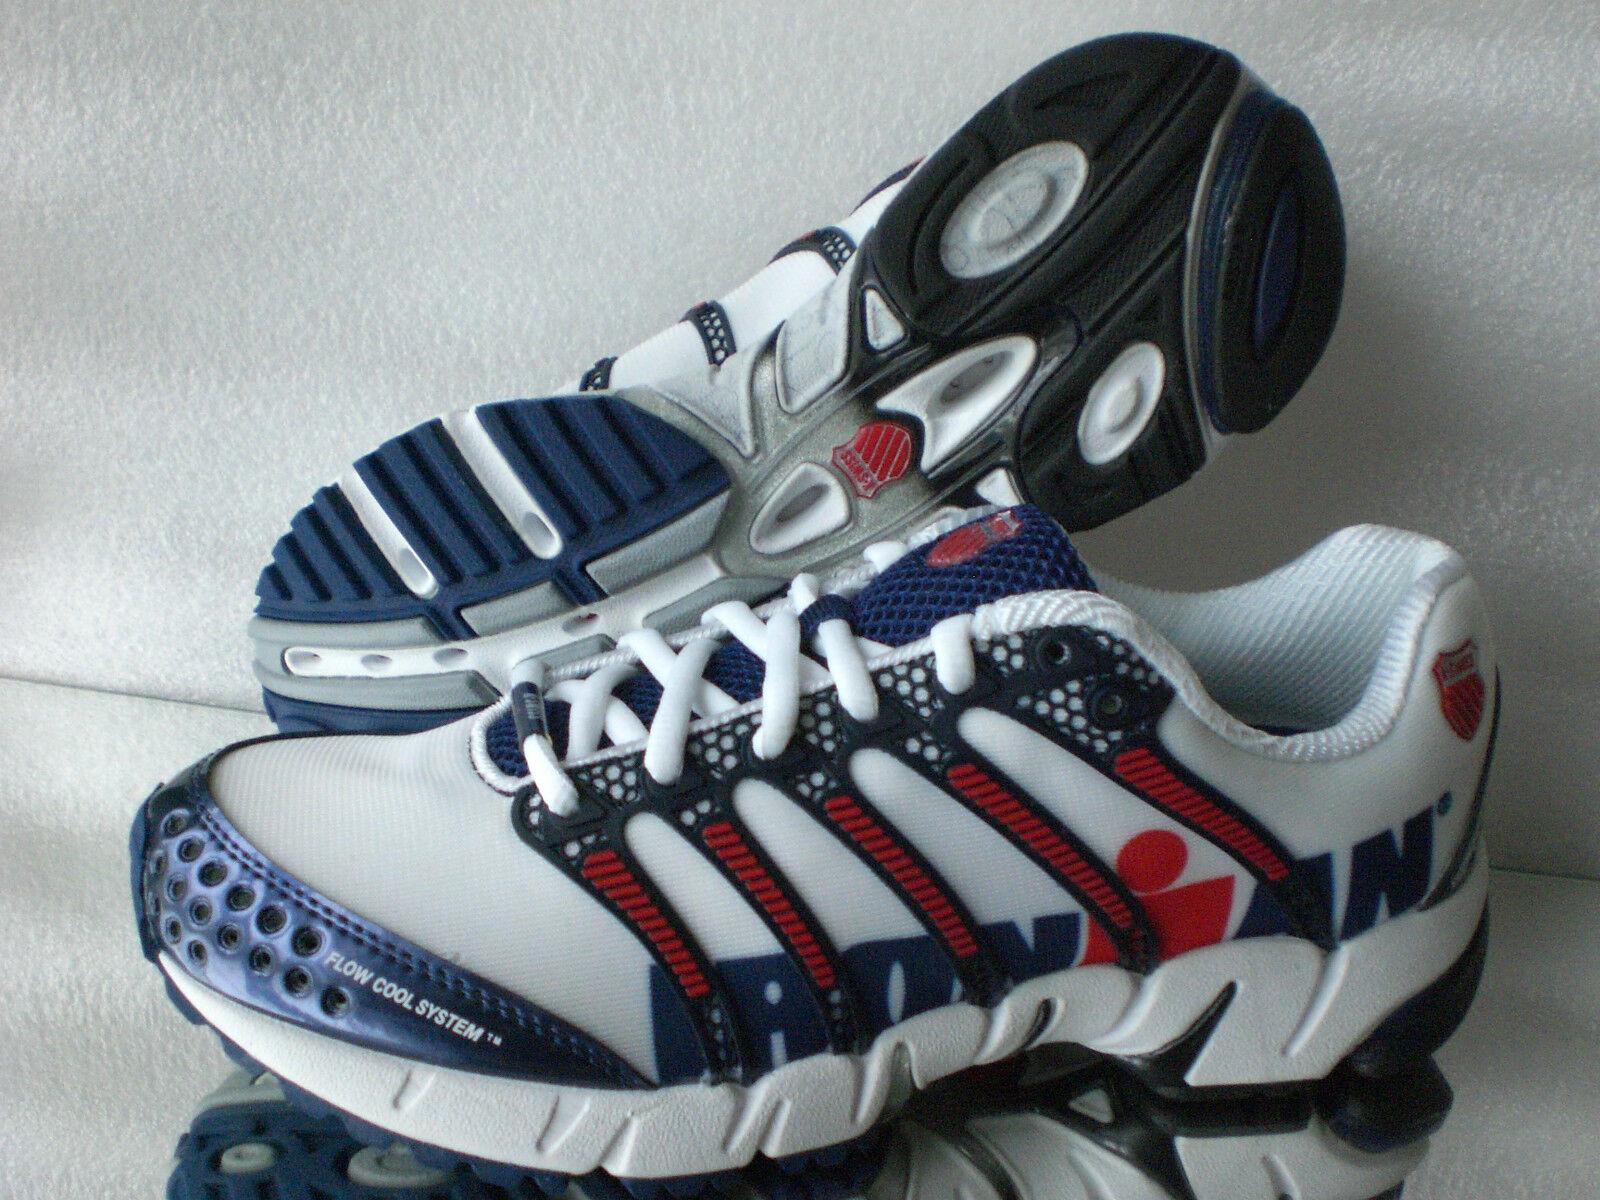 K-SWISS K-ONA Sneaker S Damen Turn,- Laufschuhe Sneaker K-ONA weiß/blau/rot  Neu f6fc24